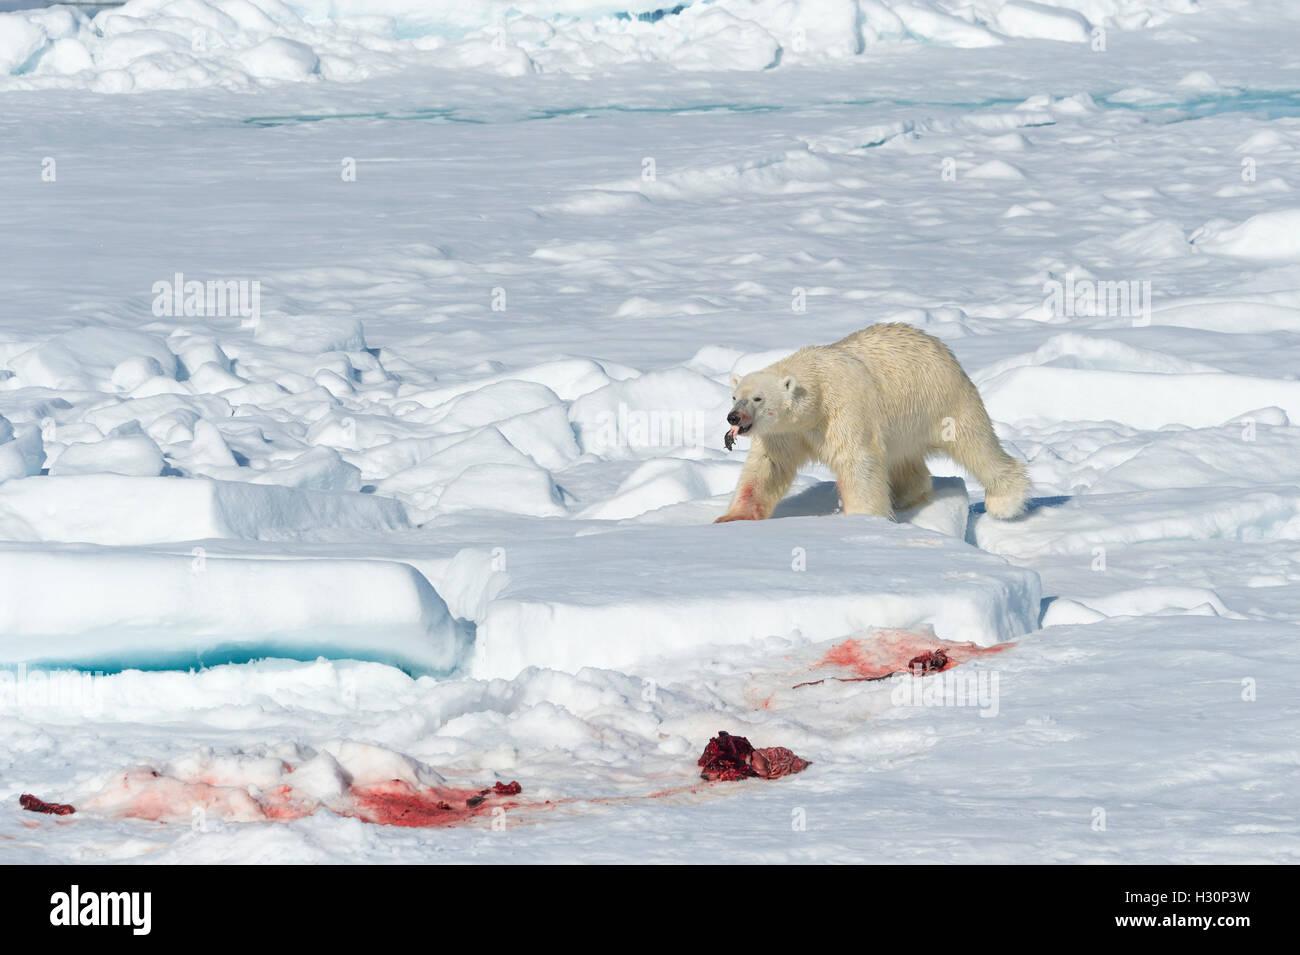 Mâle Ours polaire (Ursus maritimus) sur la banquise, l'alimentation sur les restes d'un joint de proie, Photo Stock